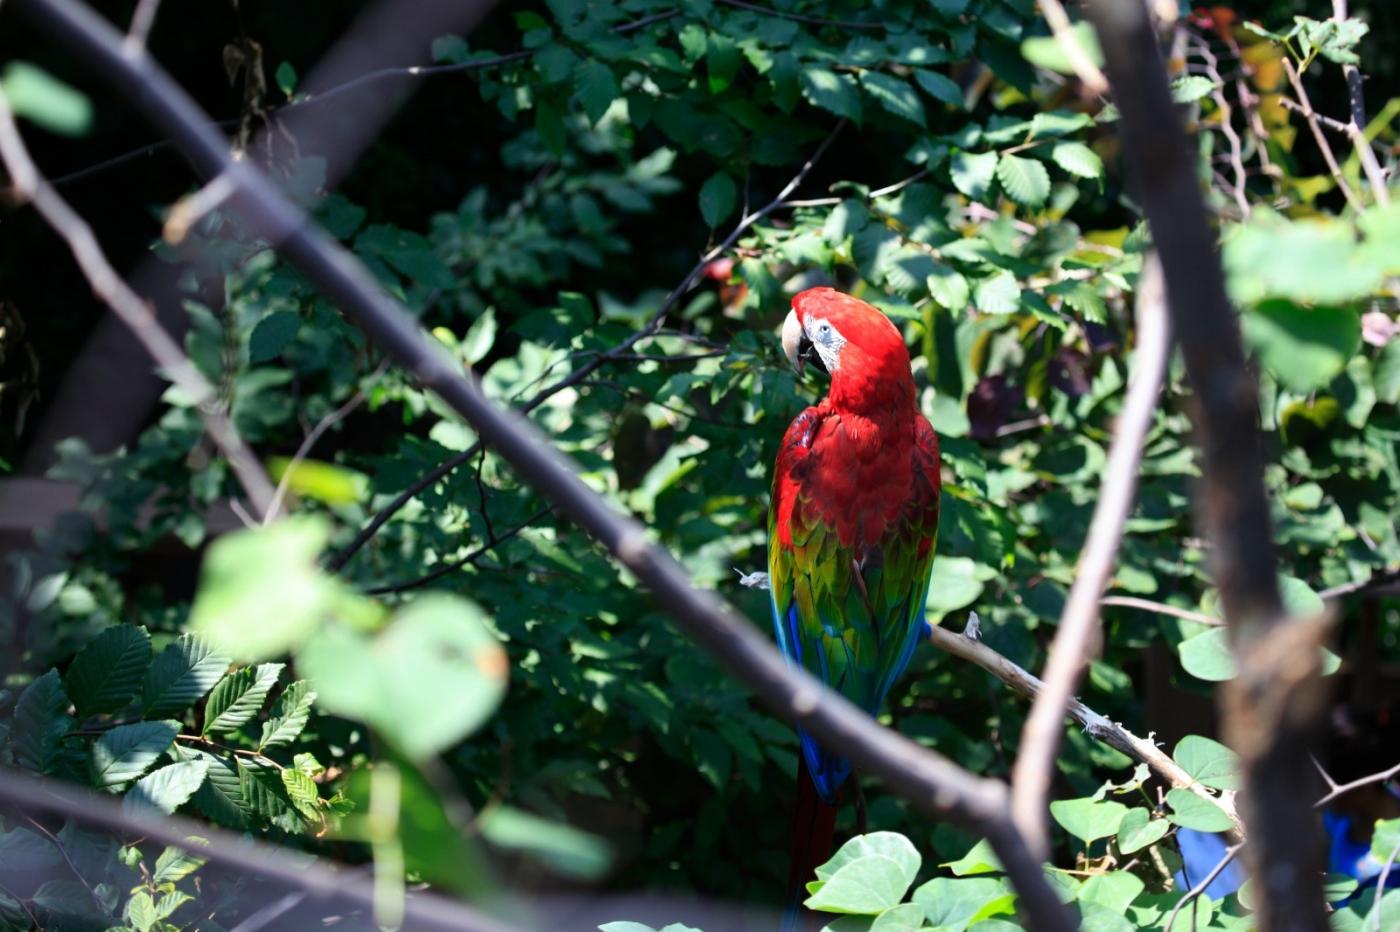 动物园花絮(摄于布朗士动物园,皇后区动物园)_图1-16